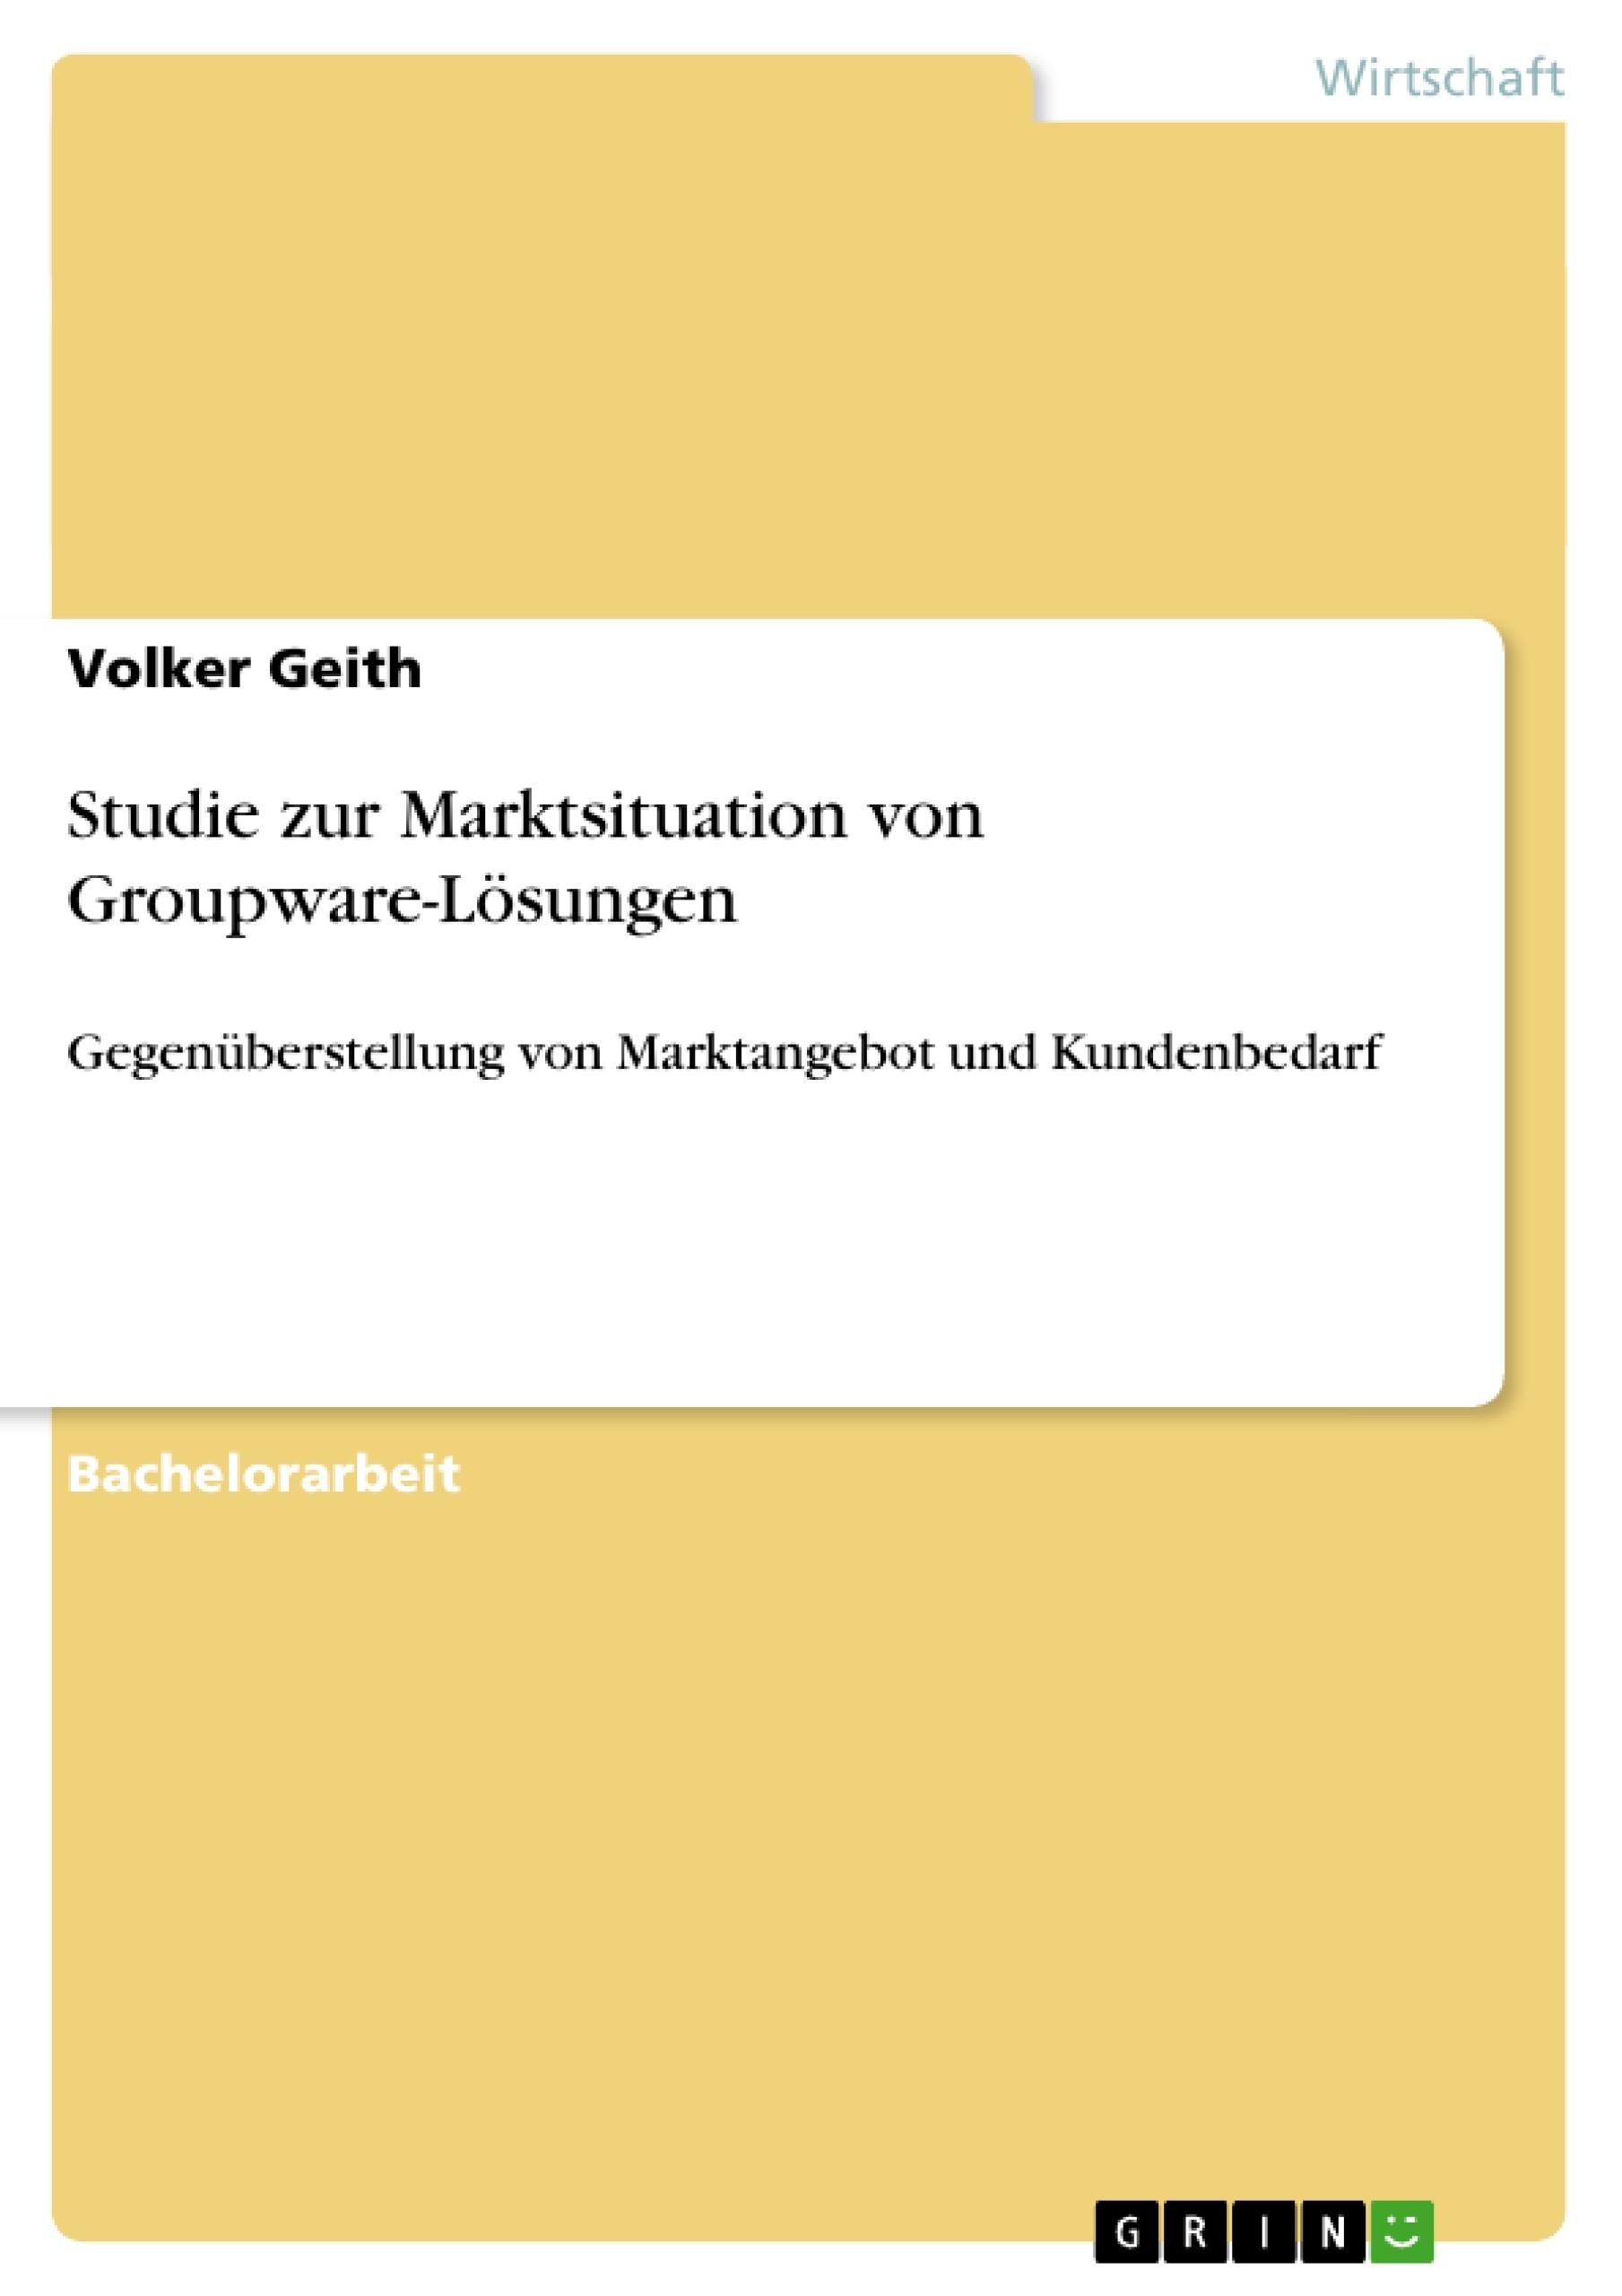 Titel: Studie zur Marktsituation von Groupware-Lösungen